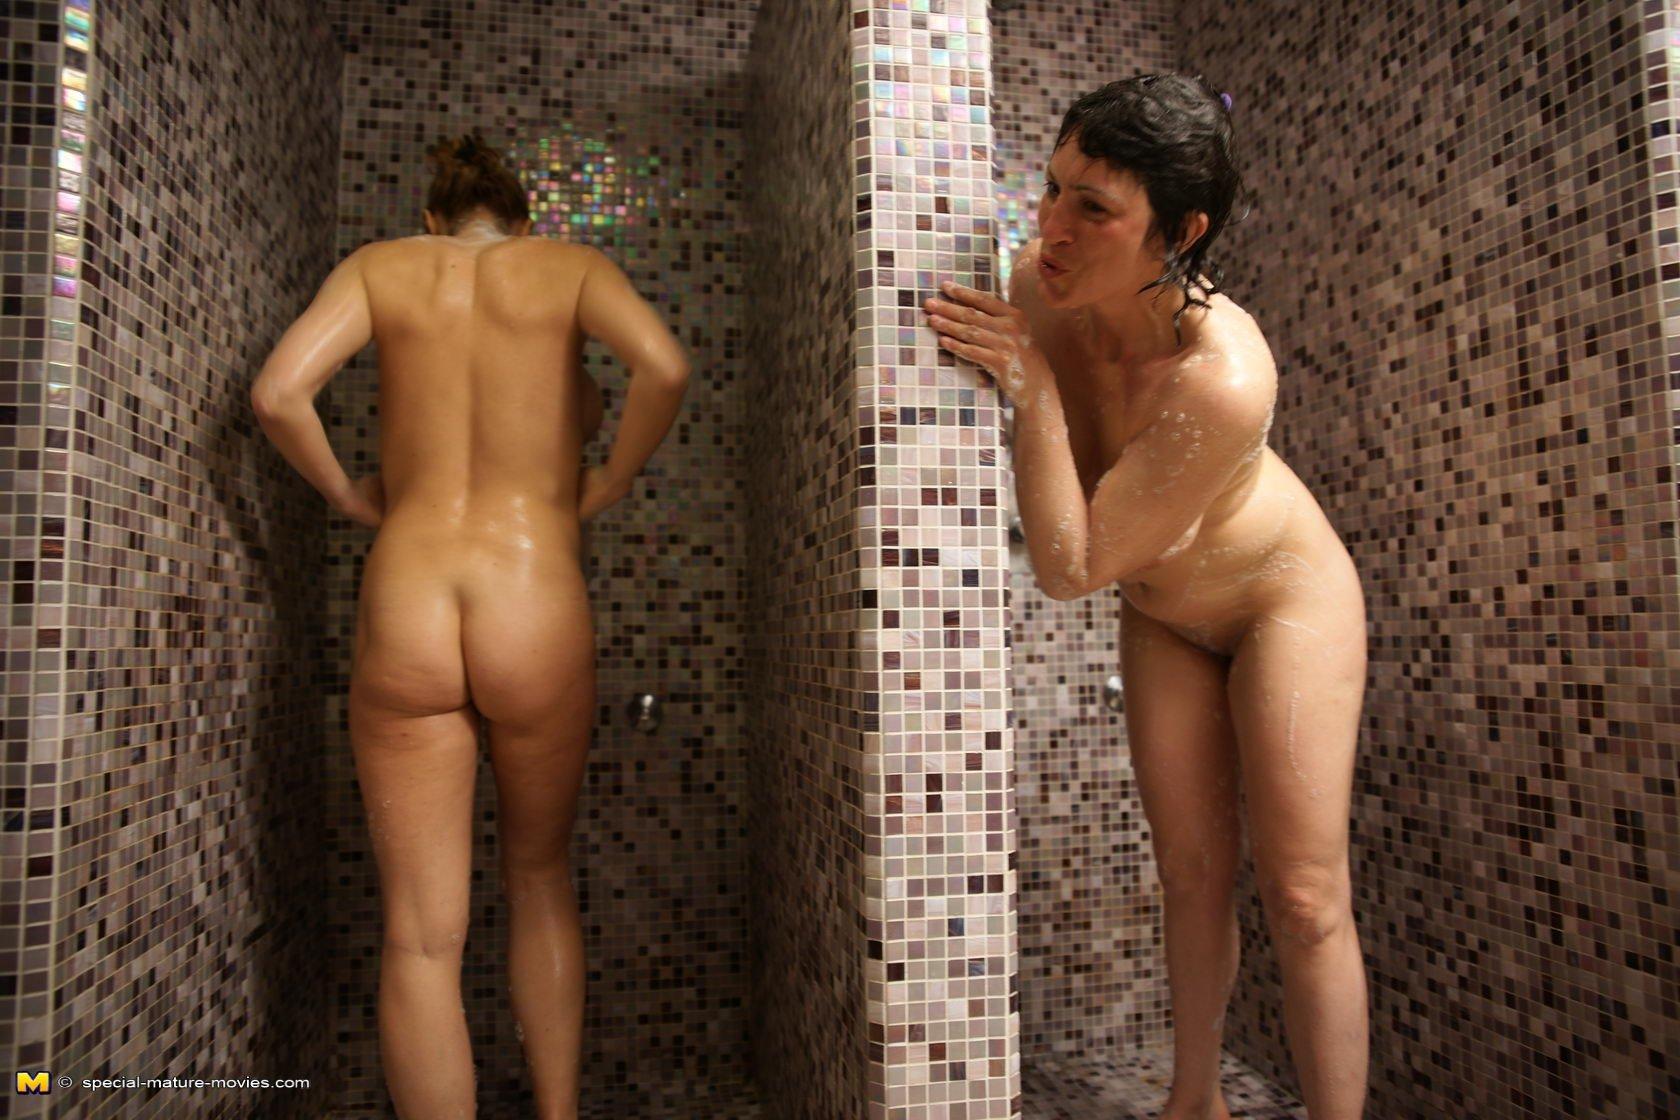 Девушкам очень нравится в сауне, ведь туда можно прийти и полностью расслабиться, сняв с себя одежду